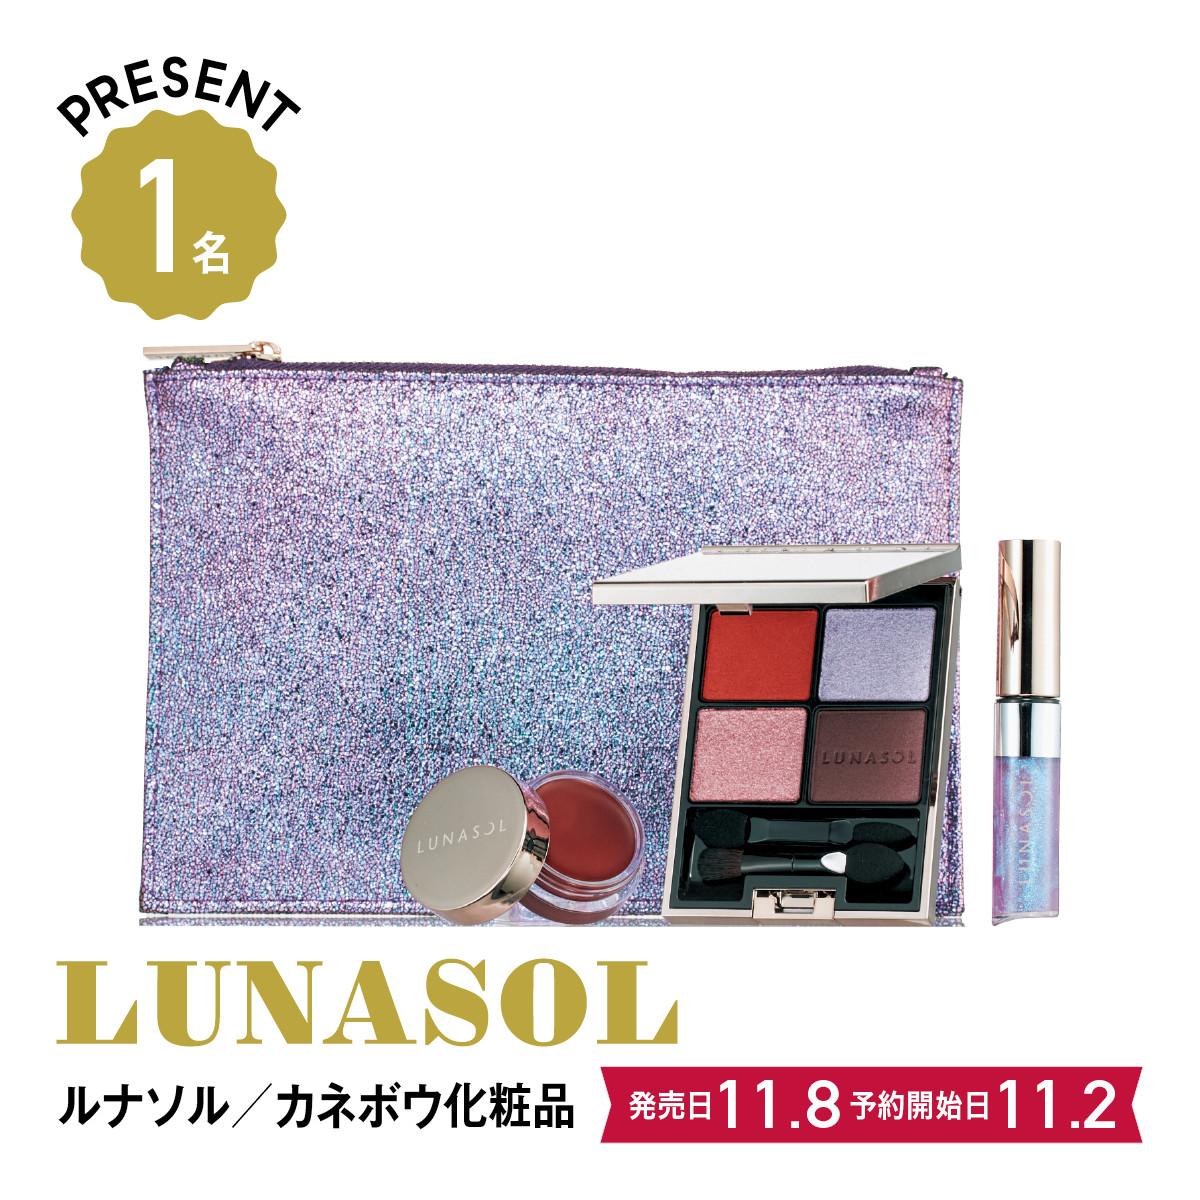 2019クリスマスコフレ&限定品:LUNASOL/ルナソル